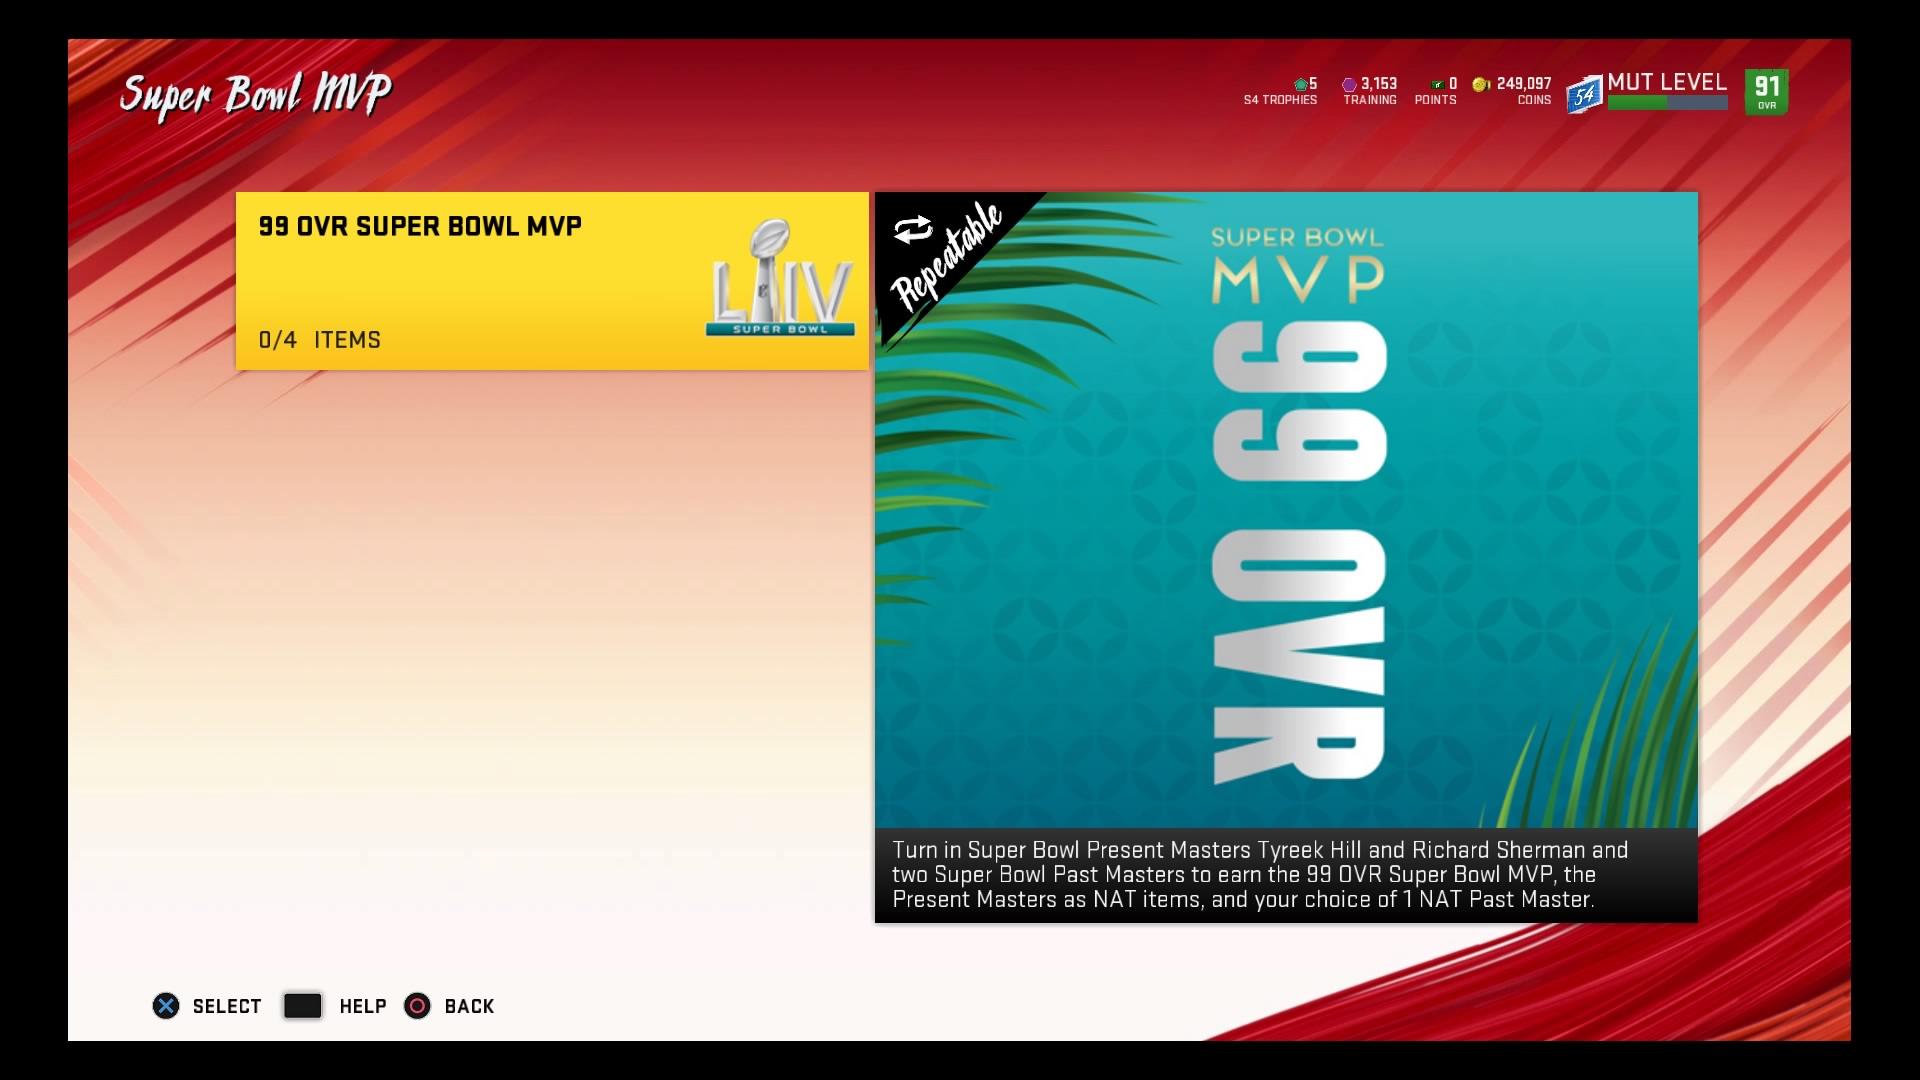 """Madden-NFL-20-ut-super-bowl-mvp """"srcset ="""" https://dlprivateserver.com/wp-content/uploads/2020/02/Madden-20-Ultimate-Team-99-OVR-MVP-Master-Patrick-Mahomes.jpg 1920w, https://realsport101.com/wp-content/uploads/2020/02/Madden-NFL-20-ut-super-bowl-mvp-300x169.jpg 300w, https://realsport101.com/wp-content /uploads/2020/02/Madden-NFL-20-ut-super-bowl-mvp-500x281.jpg 500w, https://realsport101.com/wp-content/uploads/2020/02/Madden-NFL-20- ut-super-bowl-mvp-768x432.jpg 768w, https://realsport101.com/wp-content/uploads/2020/02/Madden-NFL-20-ut-super-bowl-mvp-1536x864.jpg 1536w, https://realsport101.com/wp-content/uploads/2020/02/Madden-NFL-20-ut-super-bowl-mvp-360x203.jpg 360w, https://realsport101.com/wp-content/uploads /2020/02/Madden-NFL-20-ut-super-bowl-mvp-545x307.jpg 545w, https://realsport101.com/wp-content/uploads/2020/02/Madden-NFL-20-ut- super-bowl-mvp-1600x900.jpg 1600w """"tamaños ="""" (ancho máximo: 1920px) 100vw, 1920px """"> 99 OVR: Esta será la tarjeta con la calificación más alta en MUT 20   <p>El MVP del Super Bowl será una de las primeras 99 cartas OVR en toda la temporada de MUT, por lo que es un gran problema si puedes atraparlo.</p> <p>Afortunadamente, no tiene que significar muchas monedas, ya que ya hay un juego disponible para recogerlo.</p> <p><strong>LEER MÁS: Características que queremos en el modo de franquicia Madden 21</strong></p> <p>Para completar el set y ganar la tarjeta MVP del Super Bowl, debes intercambiar ambos Maestros Presentes del Super Bowl, Tyreek Hill y Richard Sherman, y otros dos Maestros Pasados, Steve Young o Gene Upshaw.</p> <p>Puede parecer mucho renunciar, teniendo en cuenta que el costo de los Maestros existentes está por encima de al menos 350k monedas, pero además de la tarjeta con la calificación más alta del juego, obtendrás versiones NAT de ambos Maestros Presentes y tu elección de Los Maestros Pasados.</p> <h2>MVP del Super Bowl</h2> <p> <img src="""